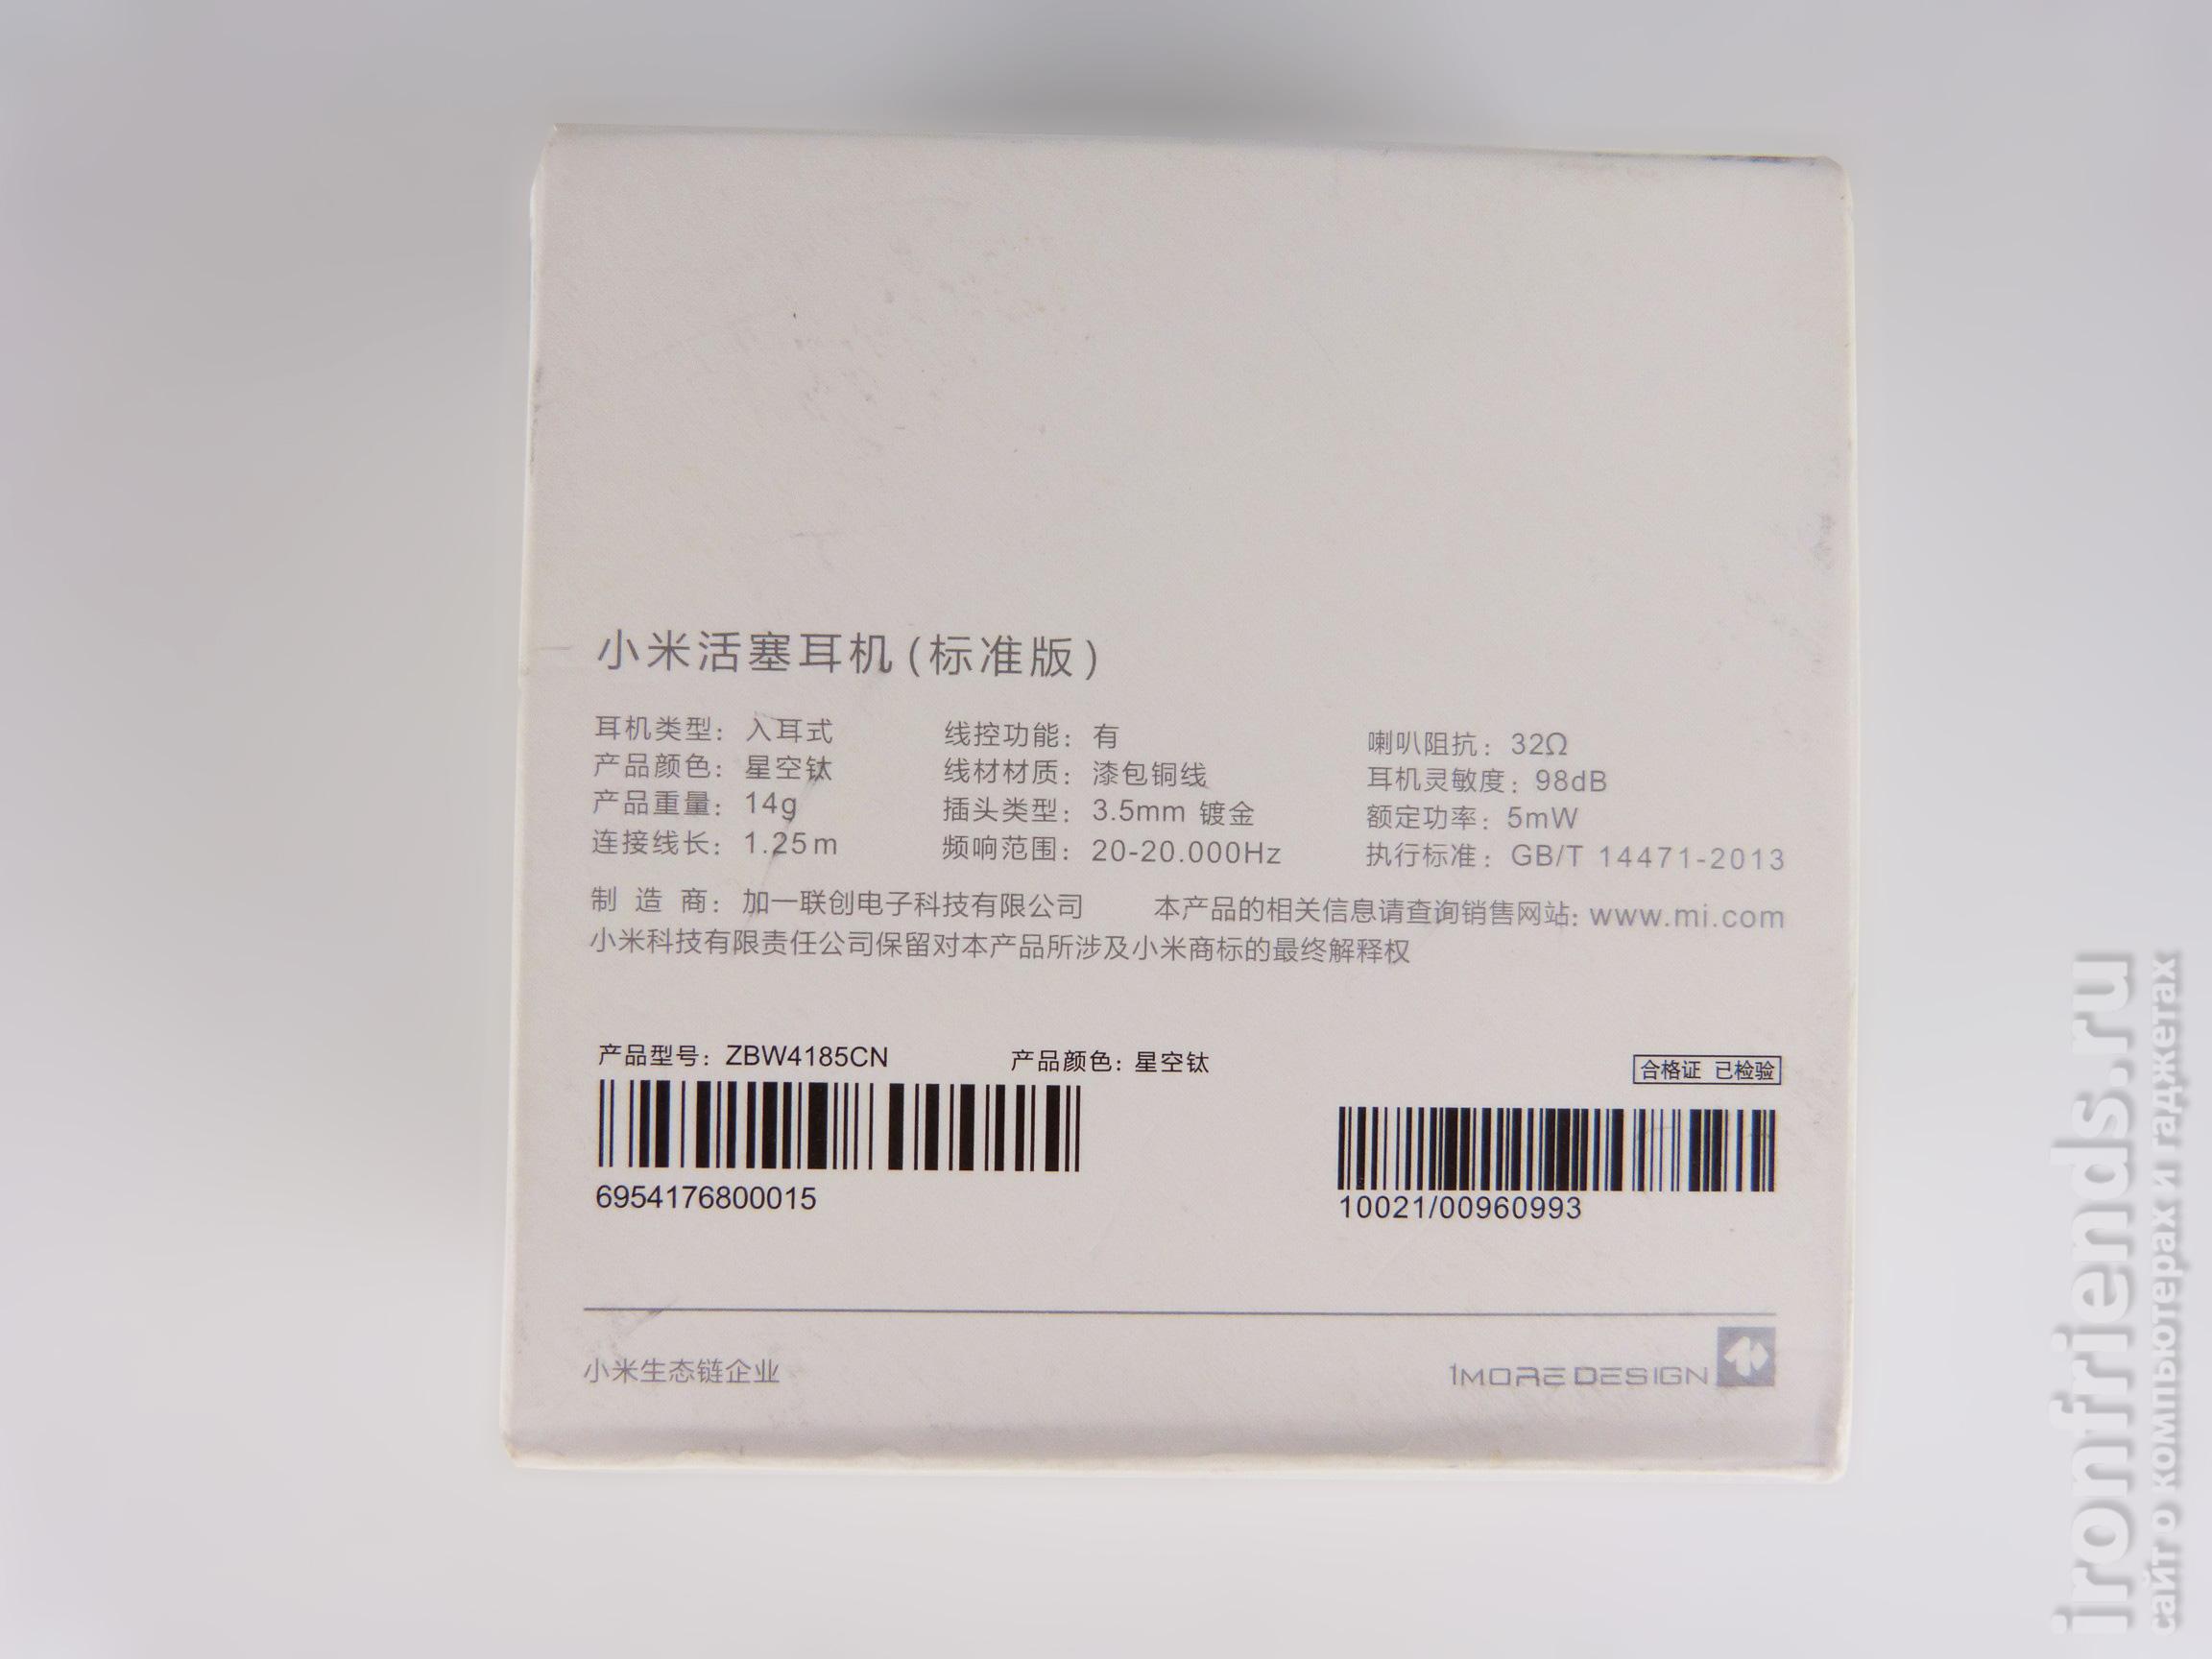 Упаковка Mi 1more Design